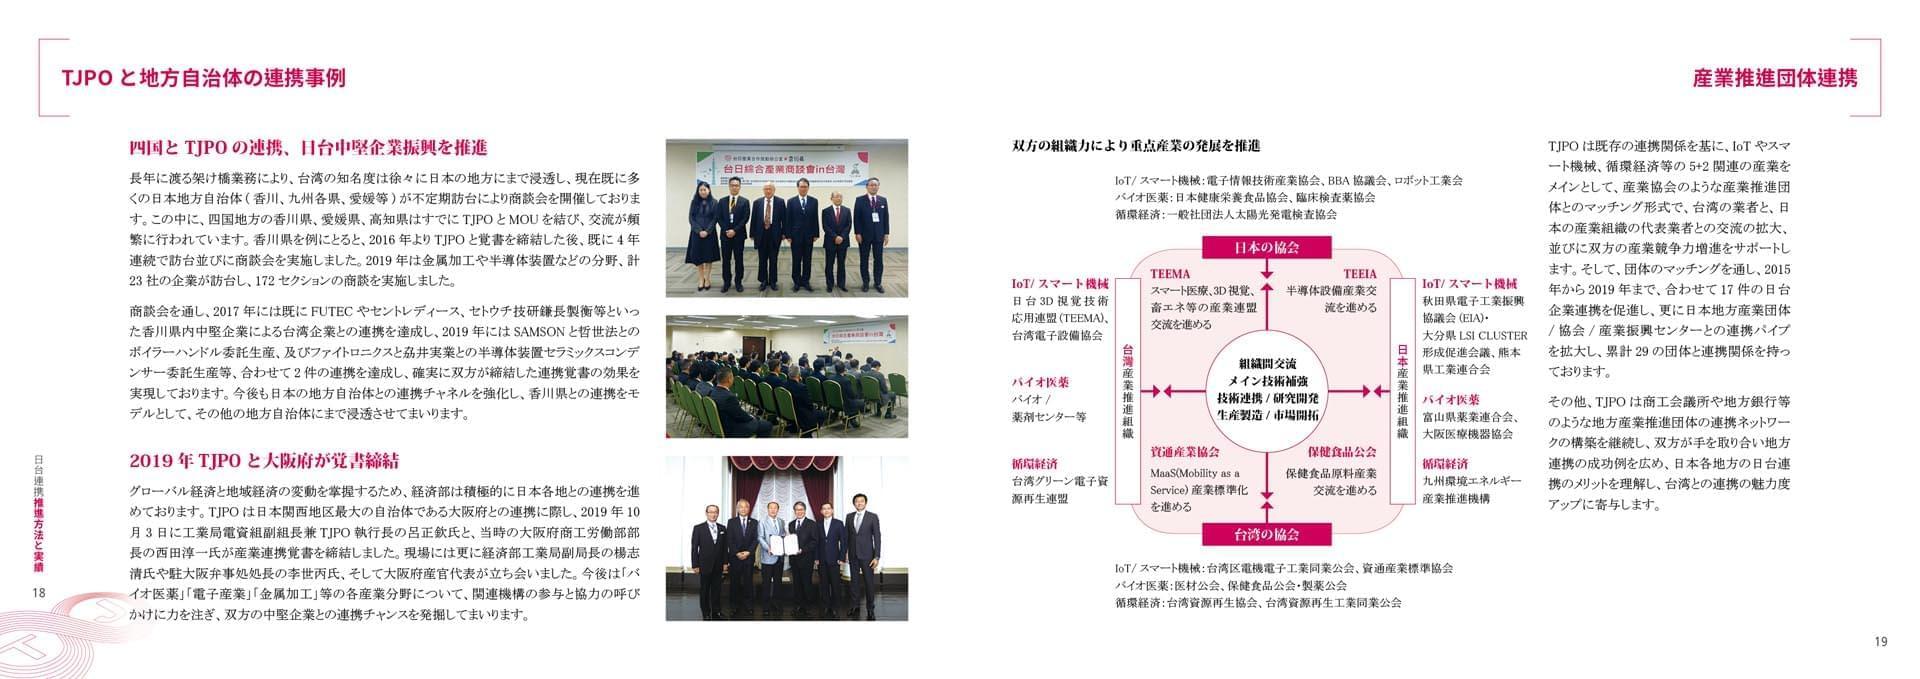 台日型錄-日文版60頁-第二次修改070212